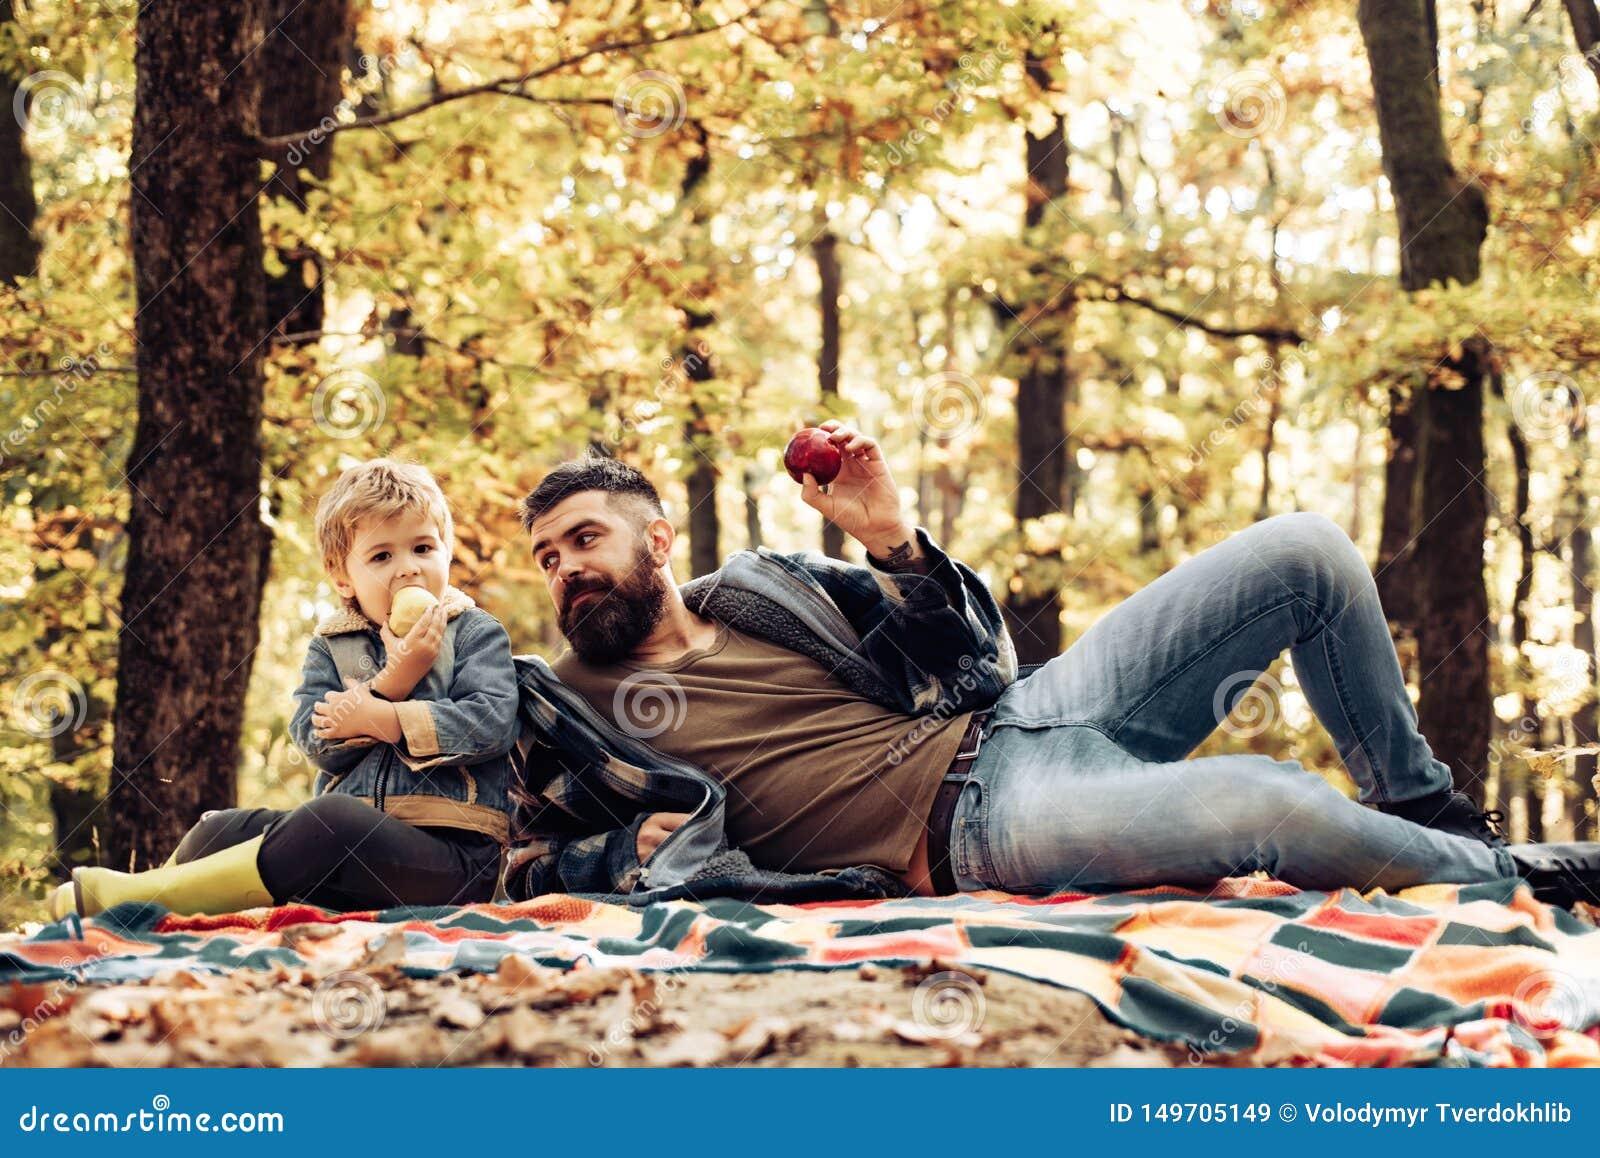 E 叮咬水多的苹果 r 有儿子的行家有胡子的爸爸花费在森林残酷有胡子的人的时间